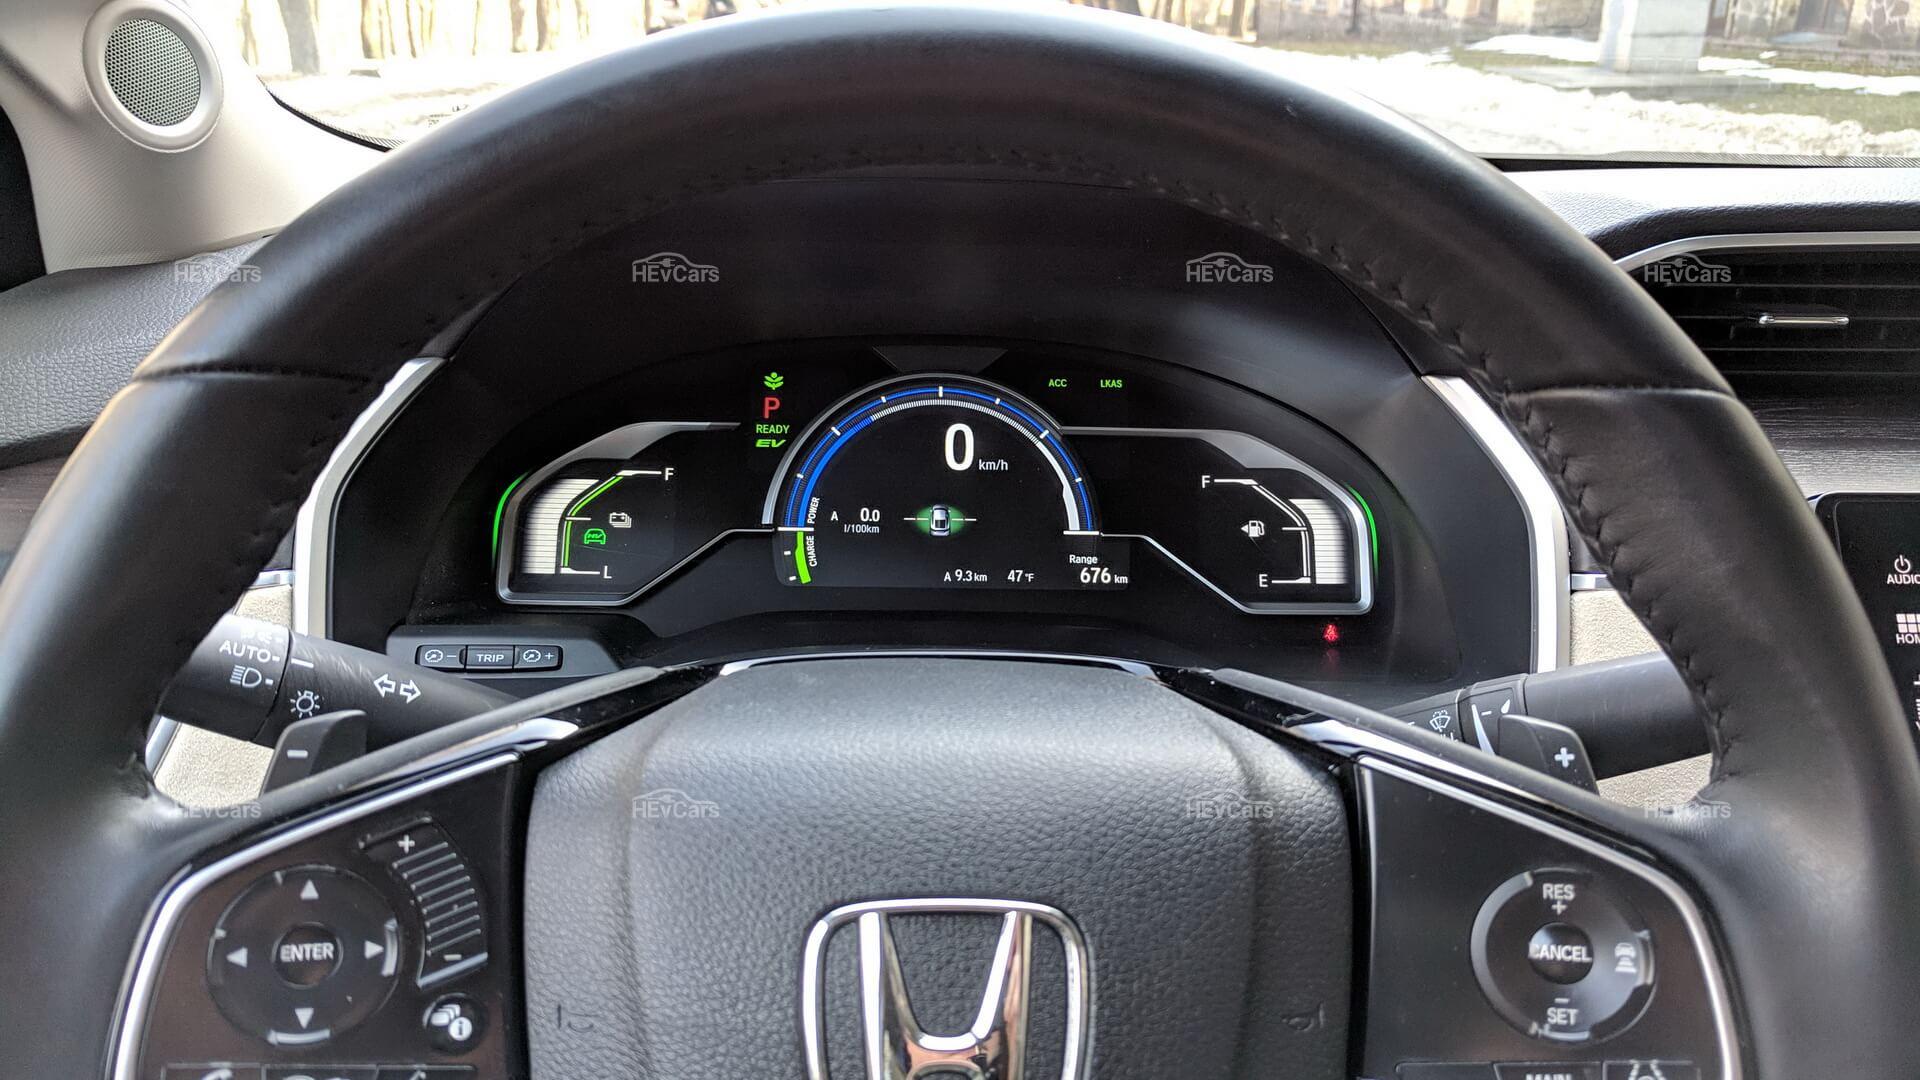 Руль и приборная панель Honda Clarity PHEV